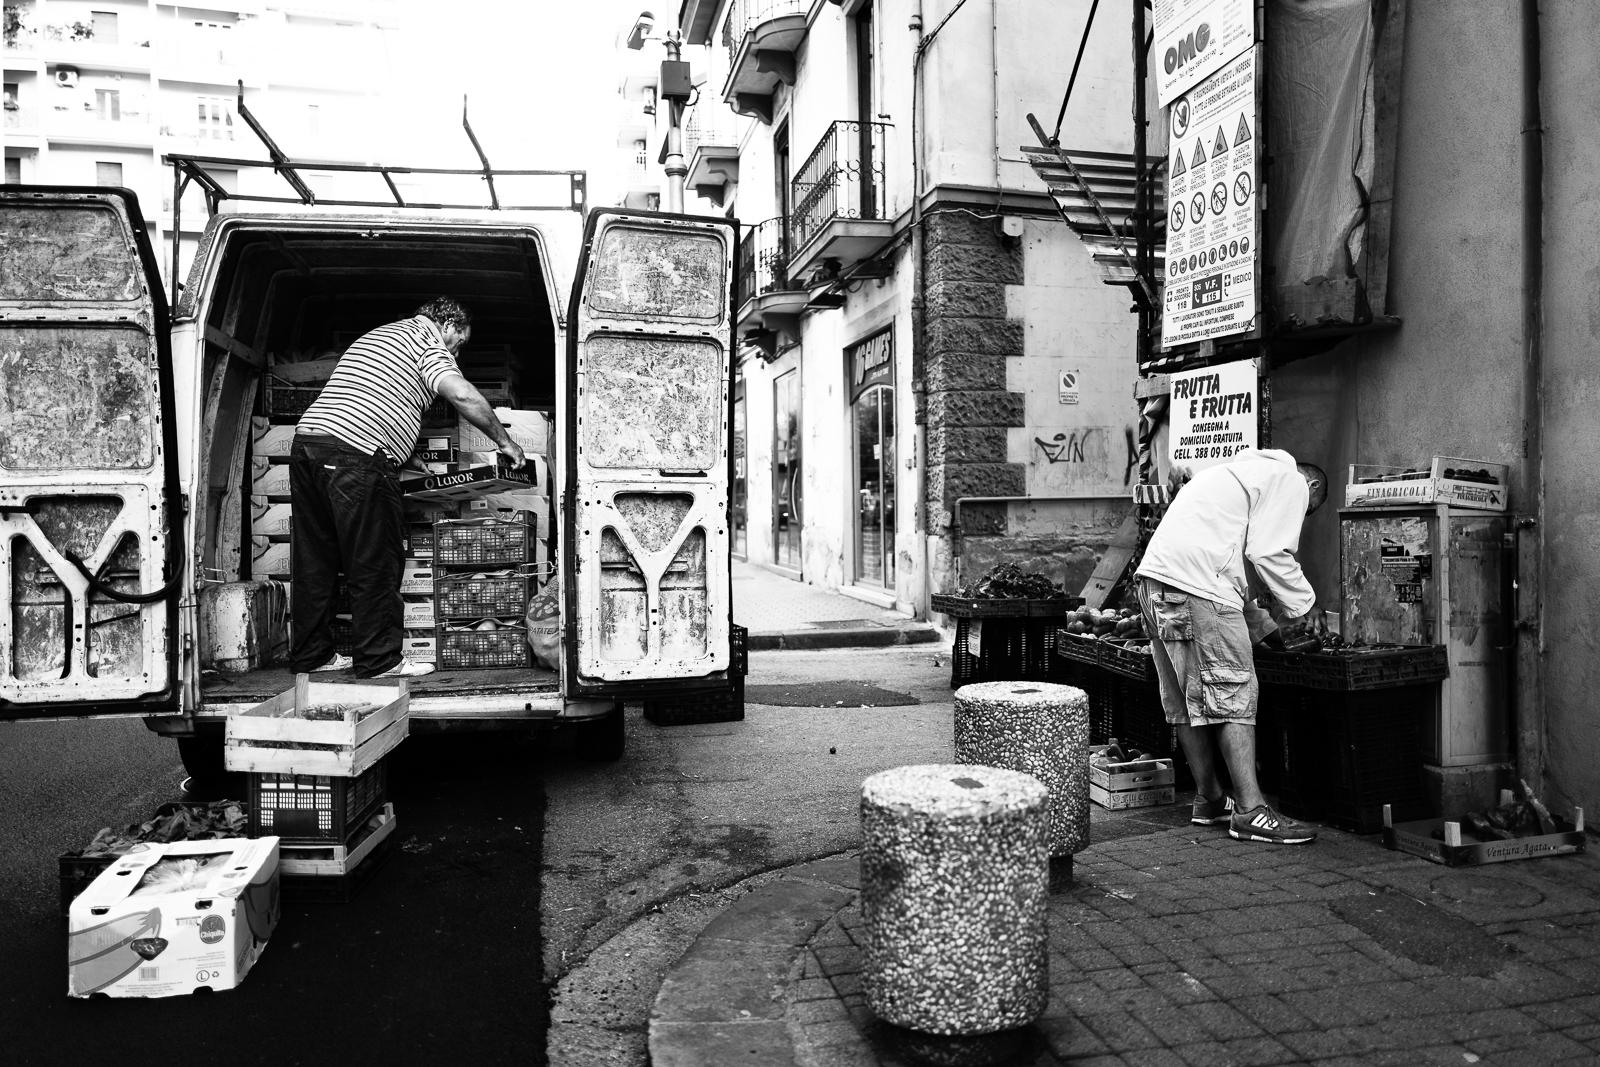 Two men are preparing the local market